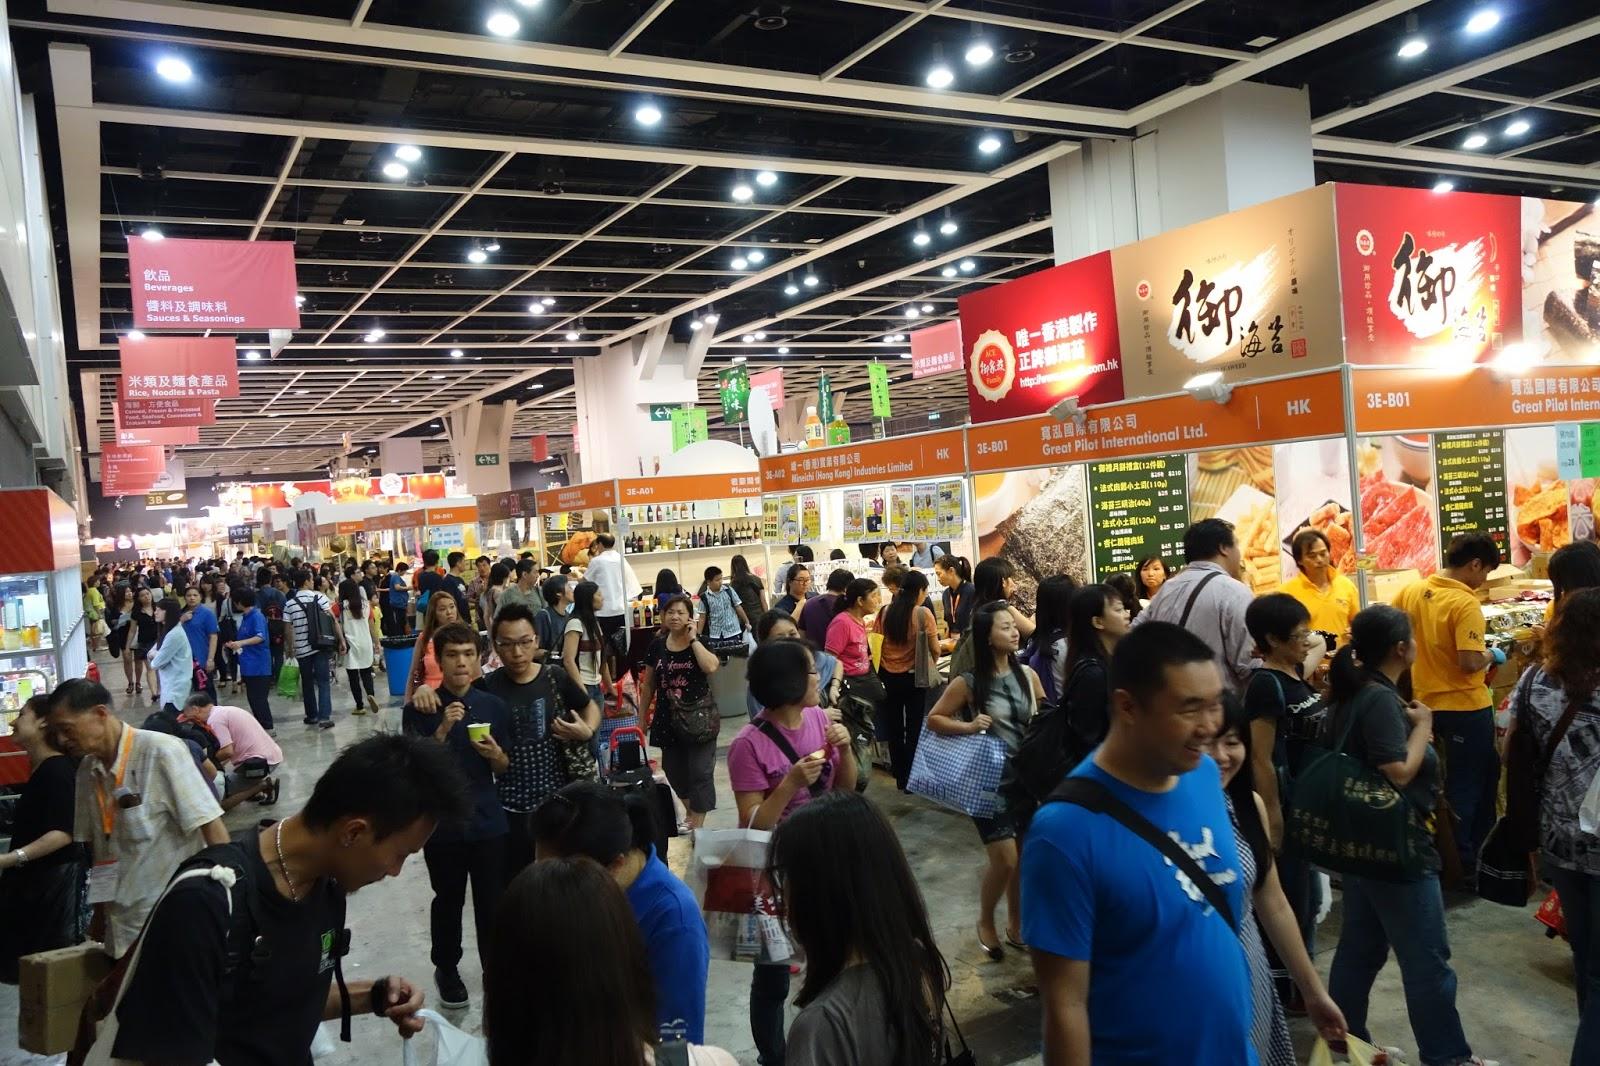 嘆盡全球美食 .香港美食博覽2013 | 安娜愛閒遊